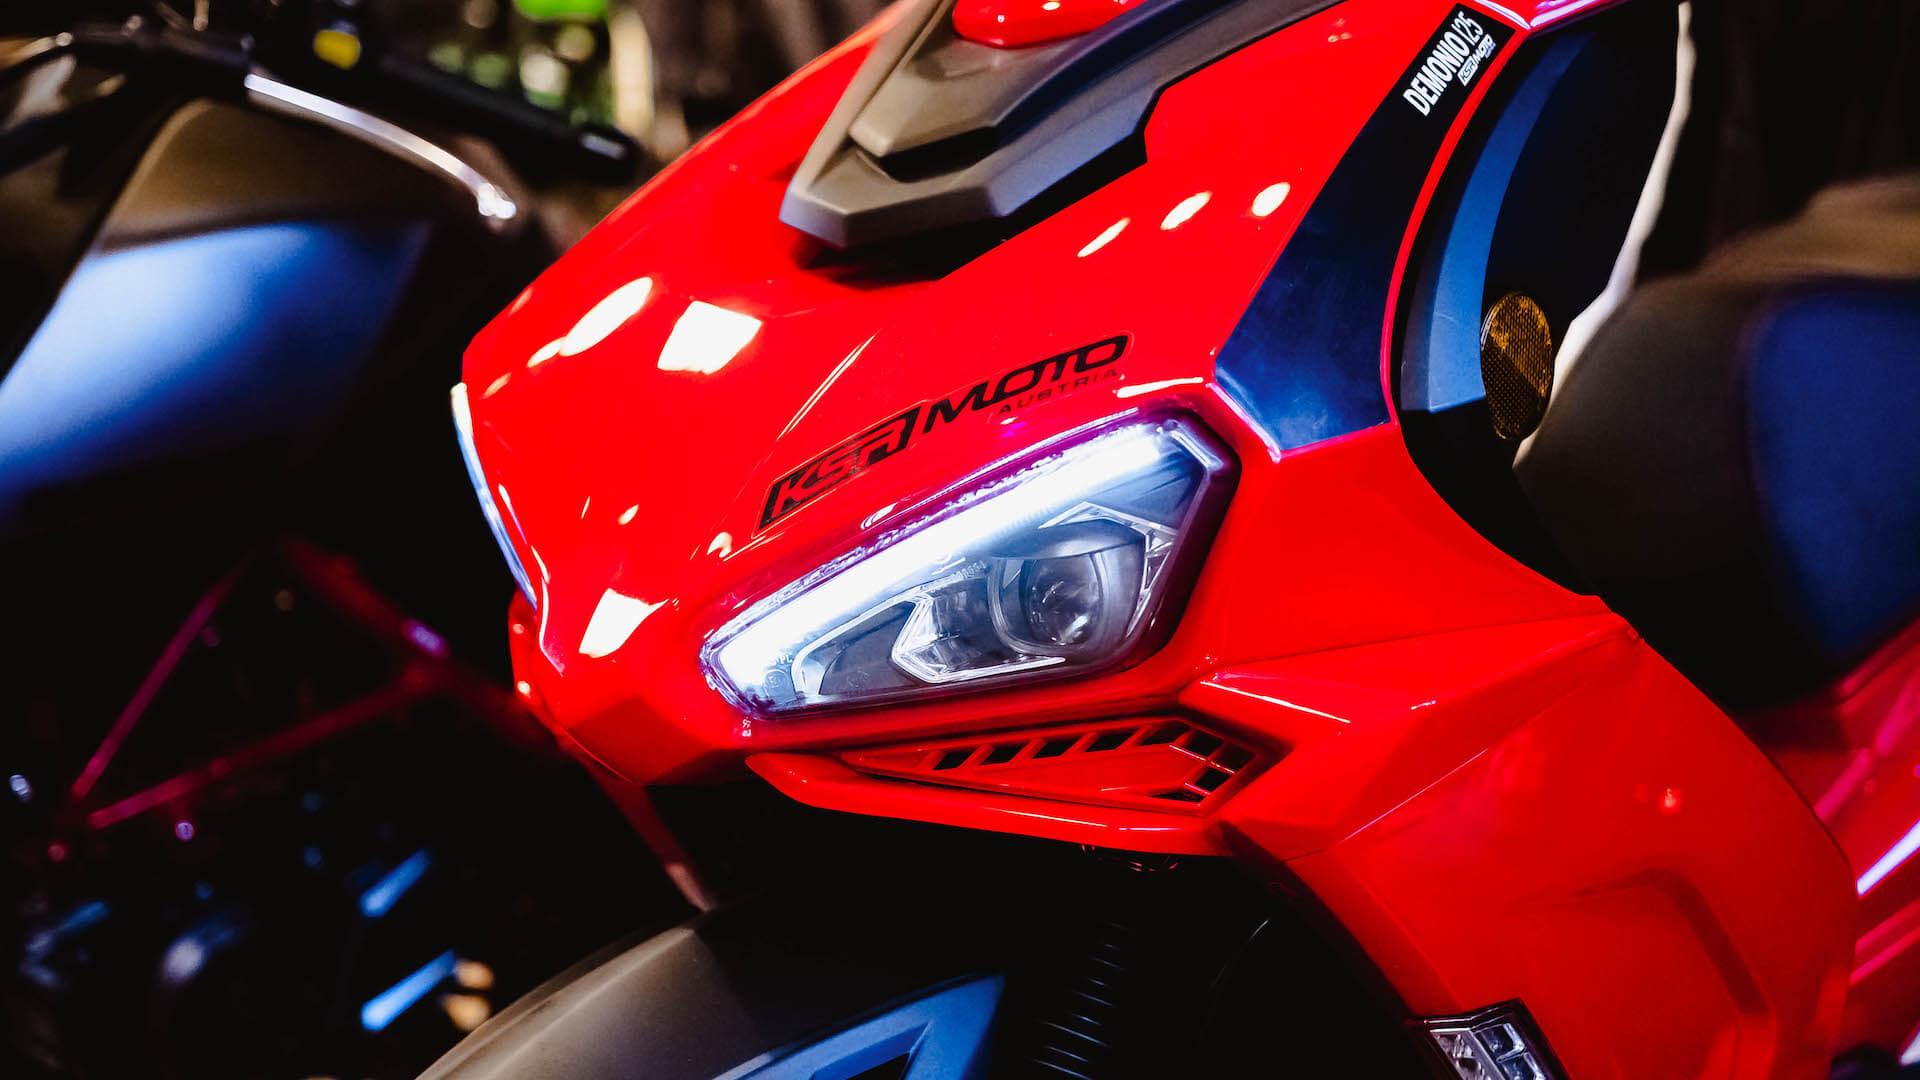 KSR moto importer